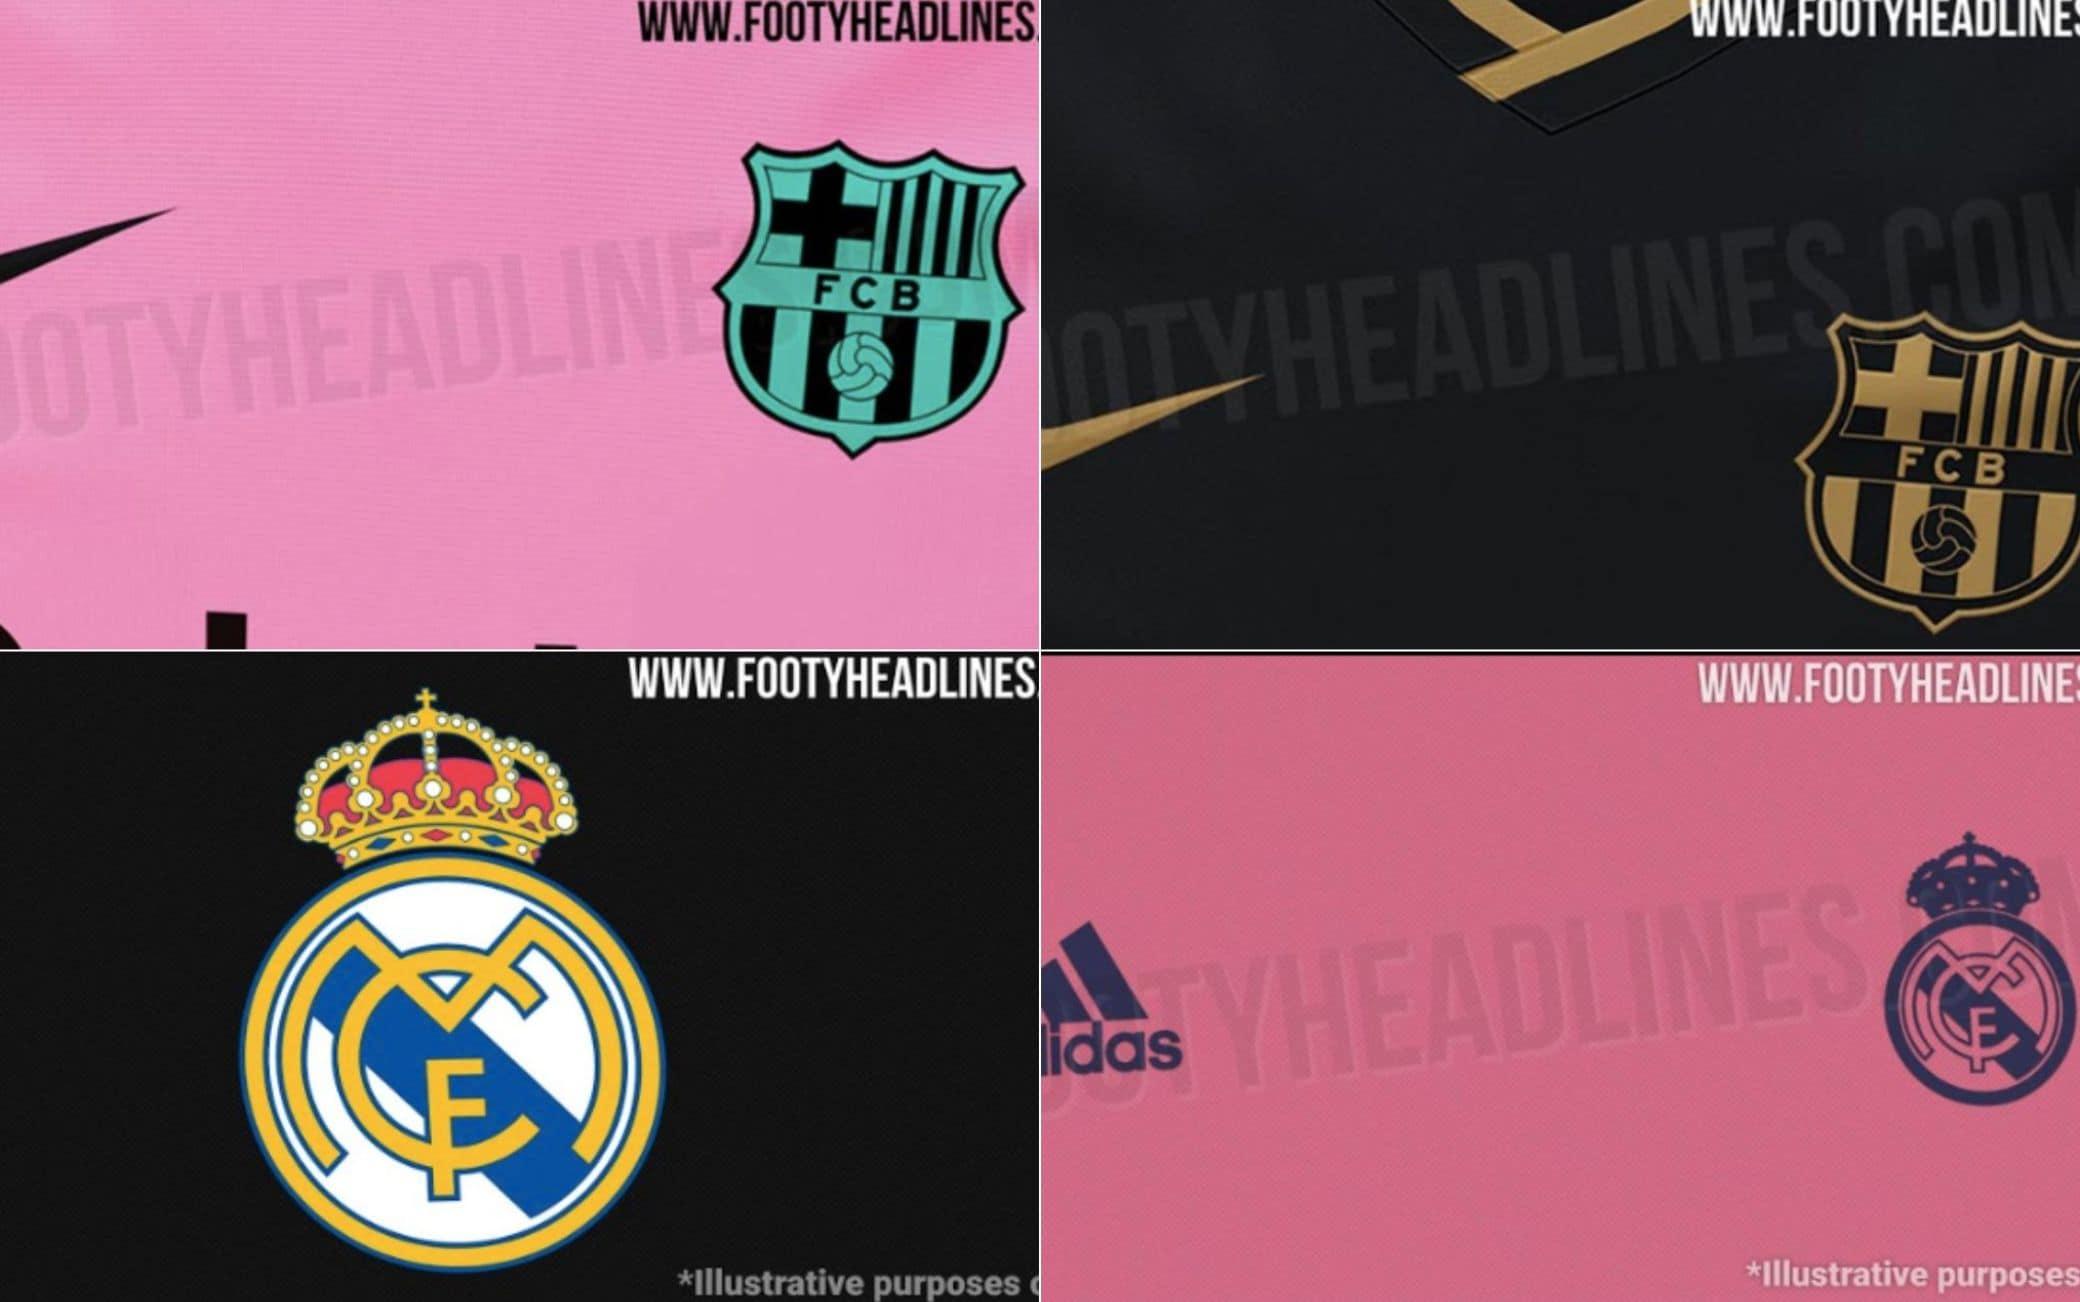 Barcellona e Real Madrid avranno una maglia rosa nel 2020 2021 ...